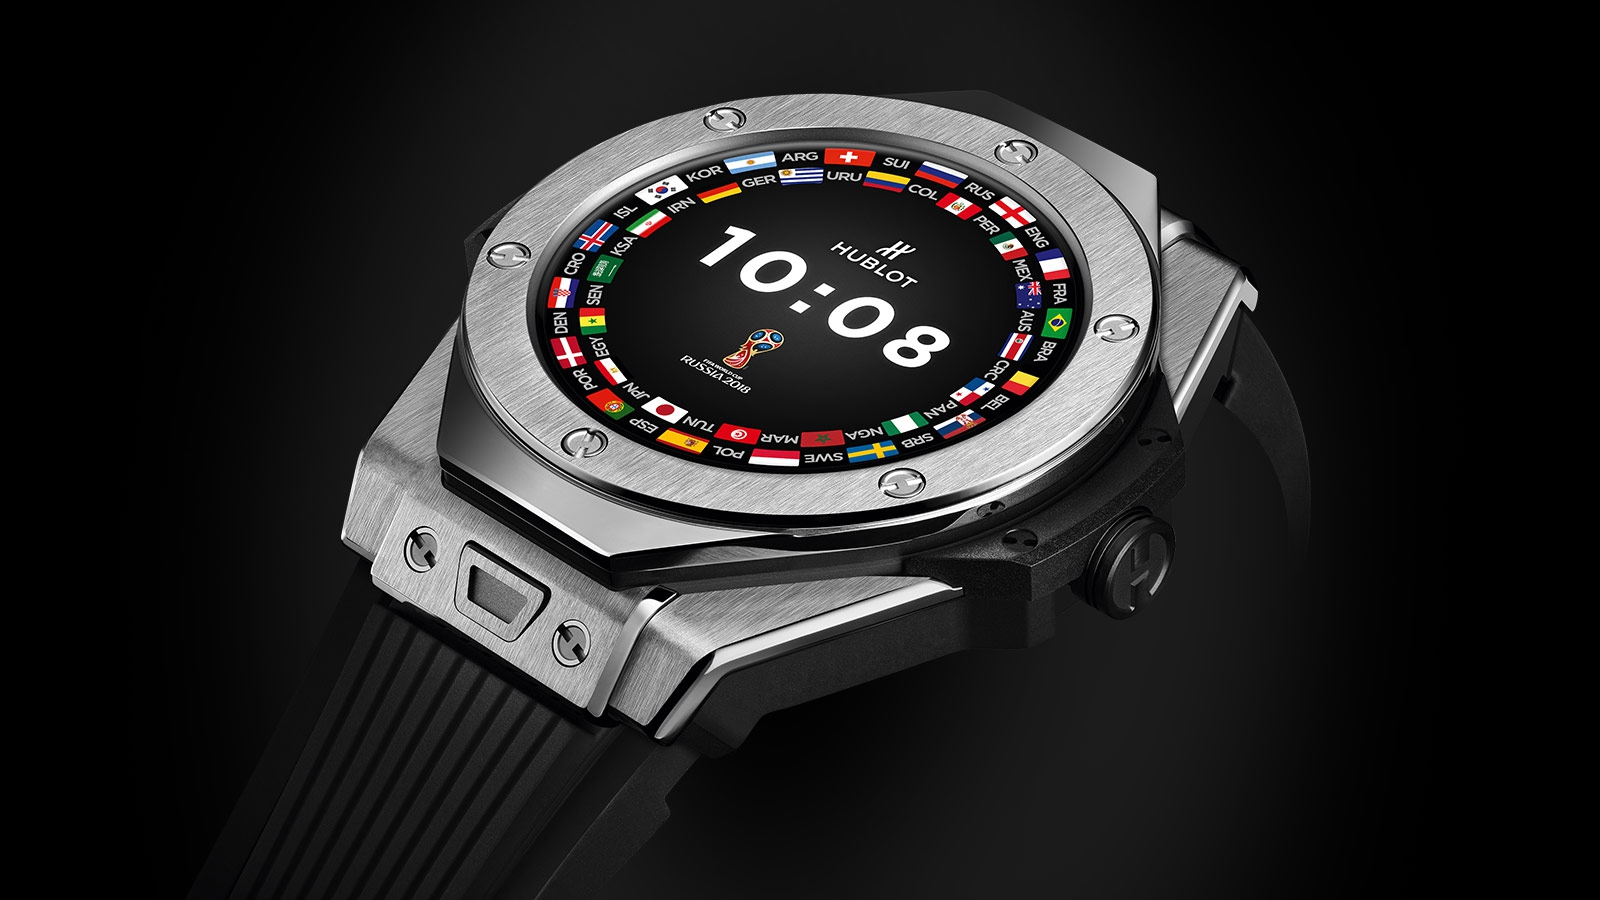 Люксовый бренд Hublot представил свои первые смарт-часы - Медгаджетс 8ffee2e504bd8